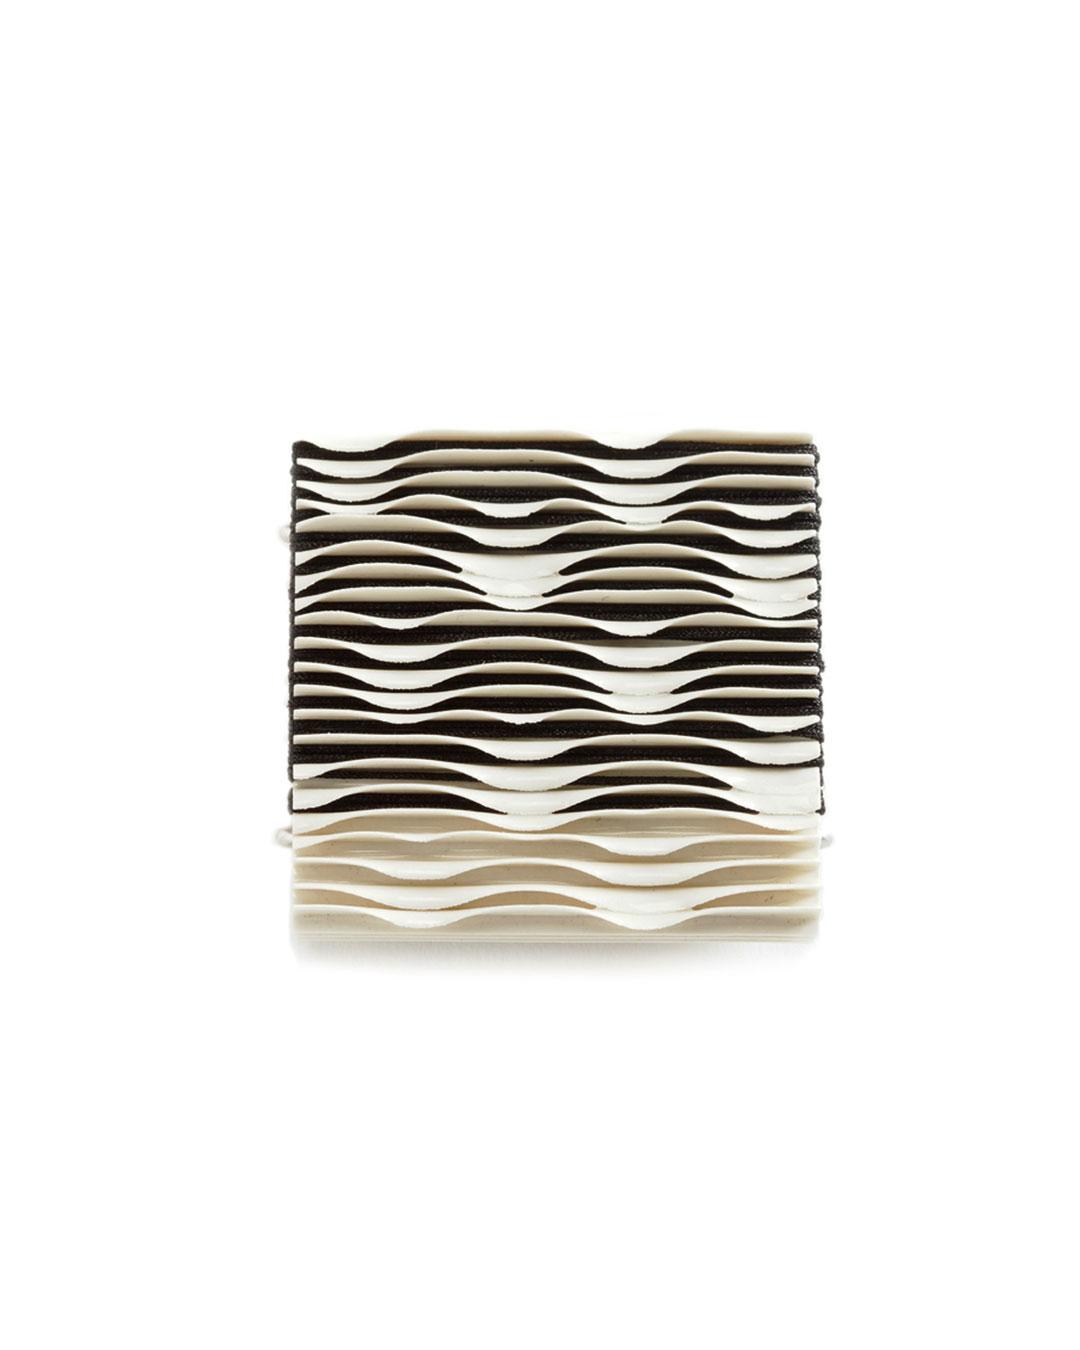 Silke Trekel, Seerosen (Waterlilies) 2017, brooch; porcelain, silver, thread, 53 x 53 x 10 mm, €775